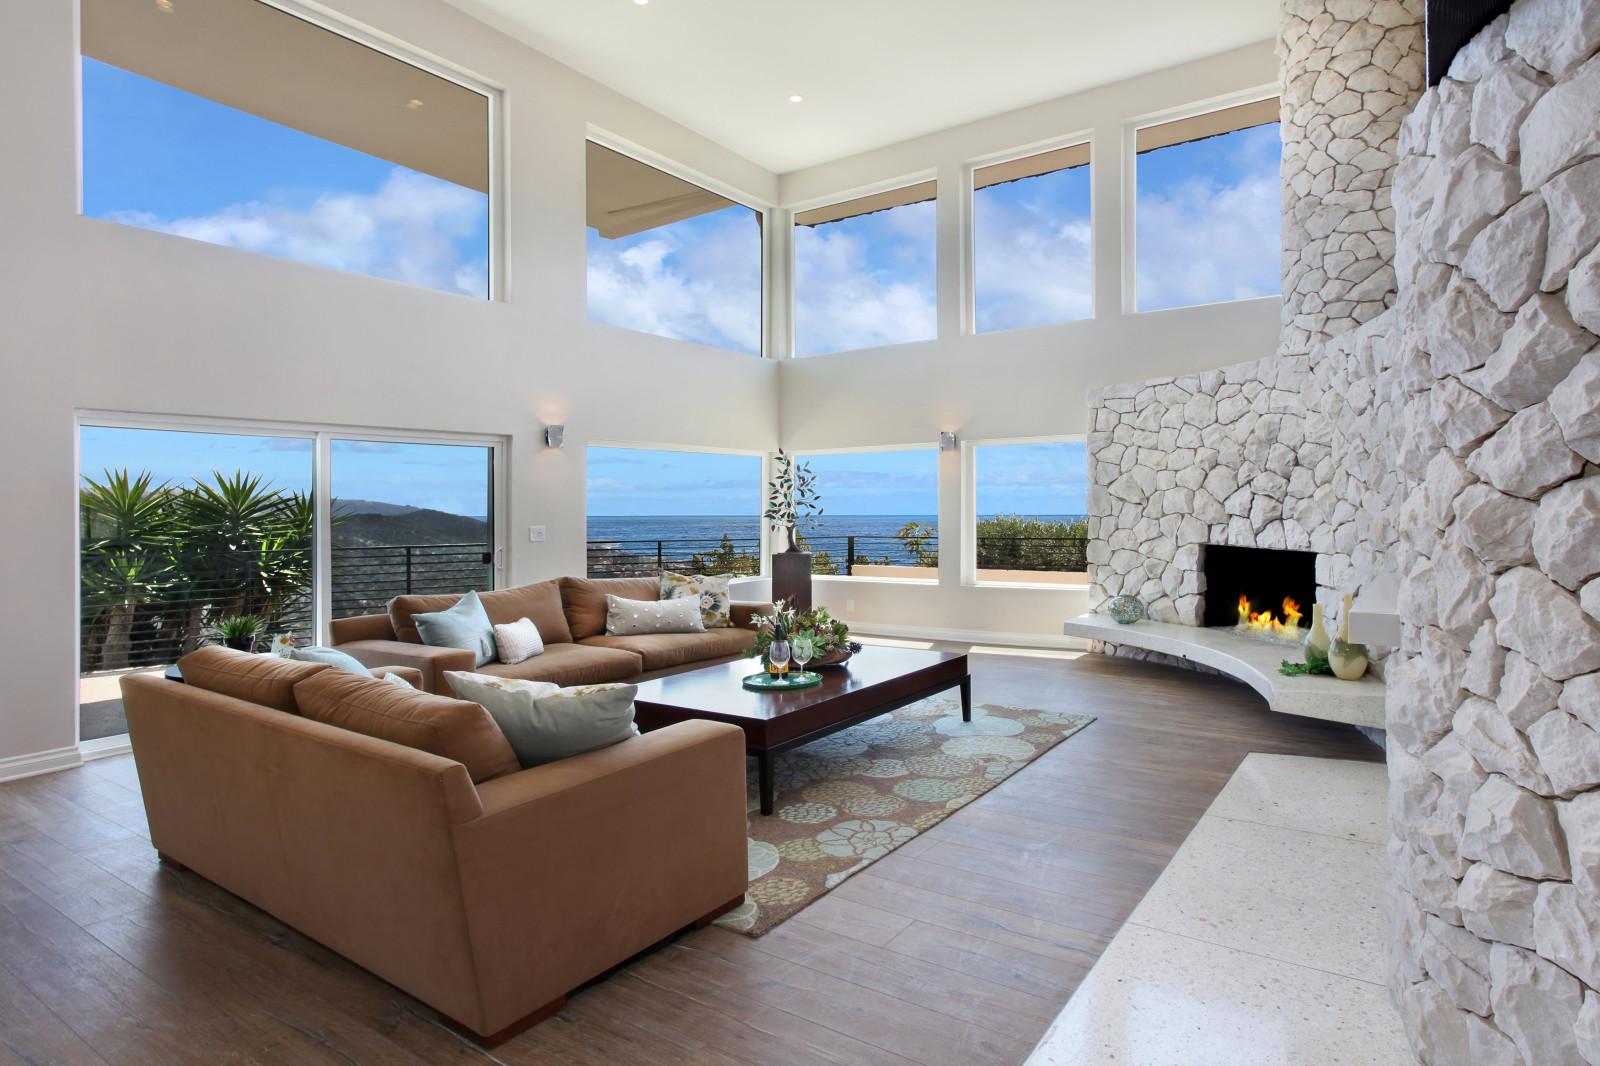 Fond d 39 cran chambre int rieur design d 39 int rieur for Conception d architecture maison gratuite